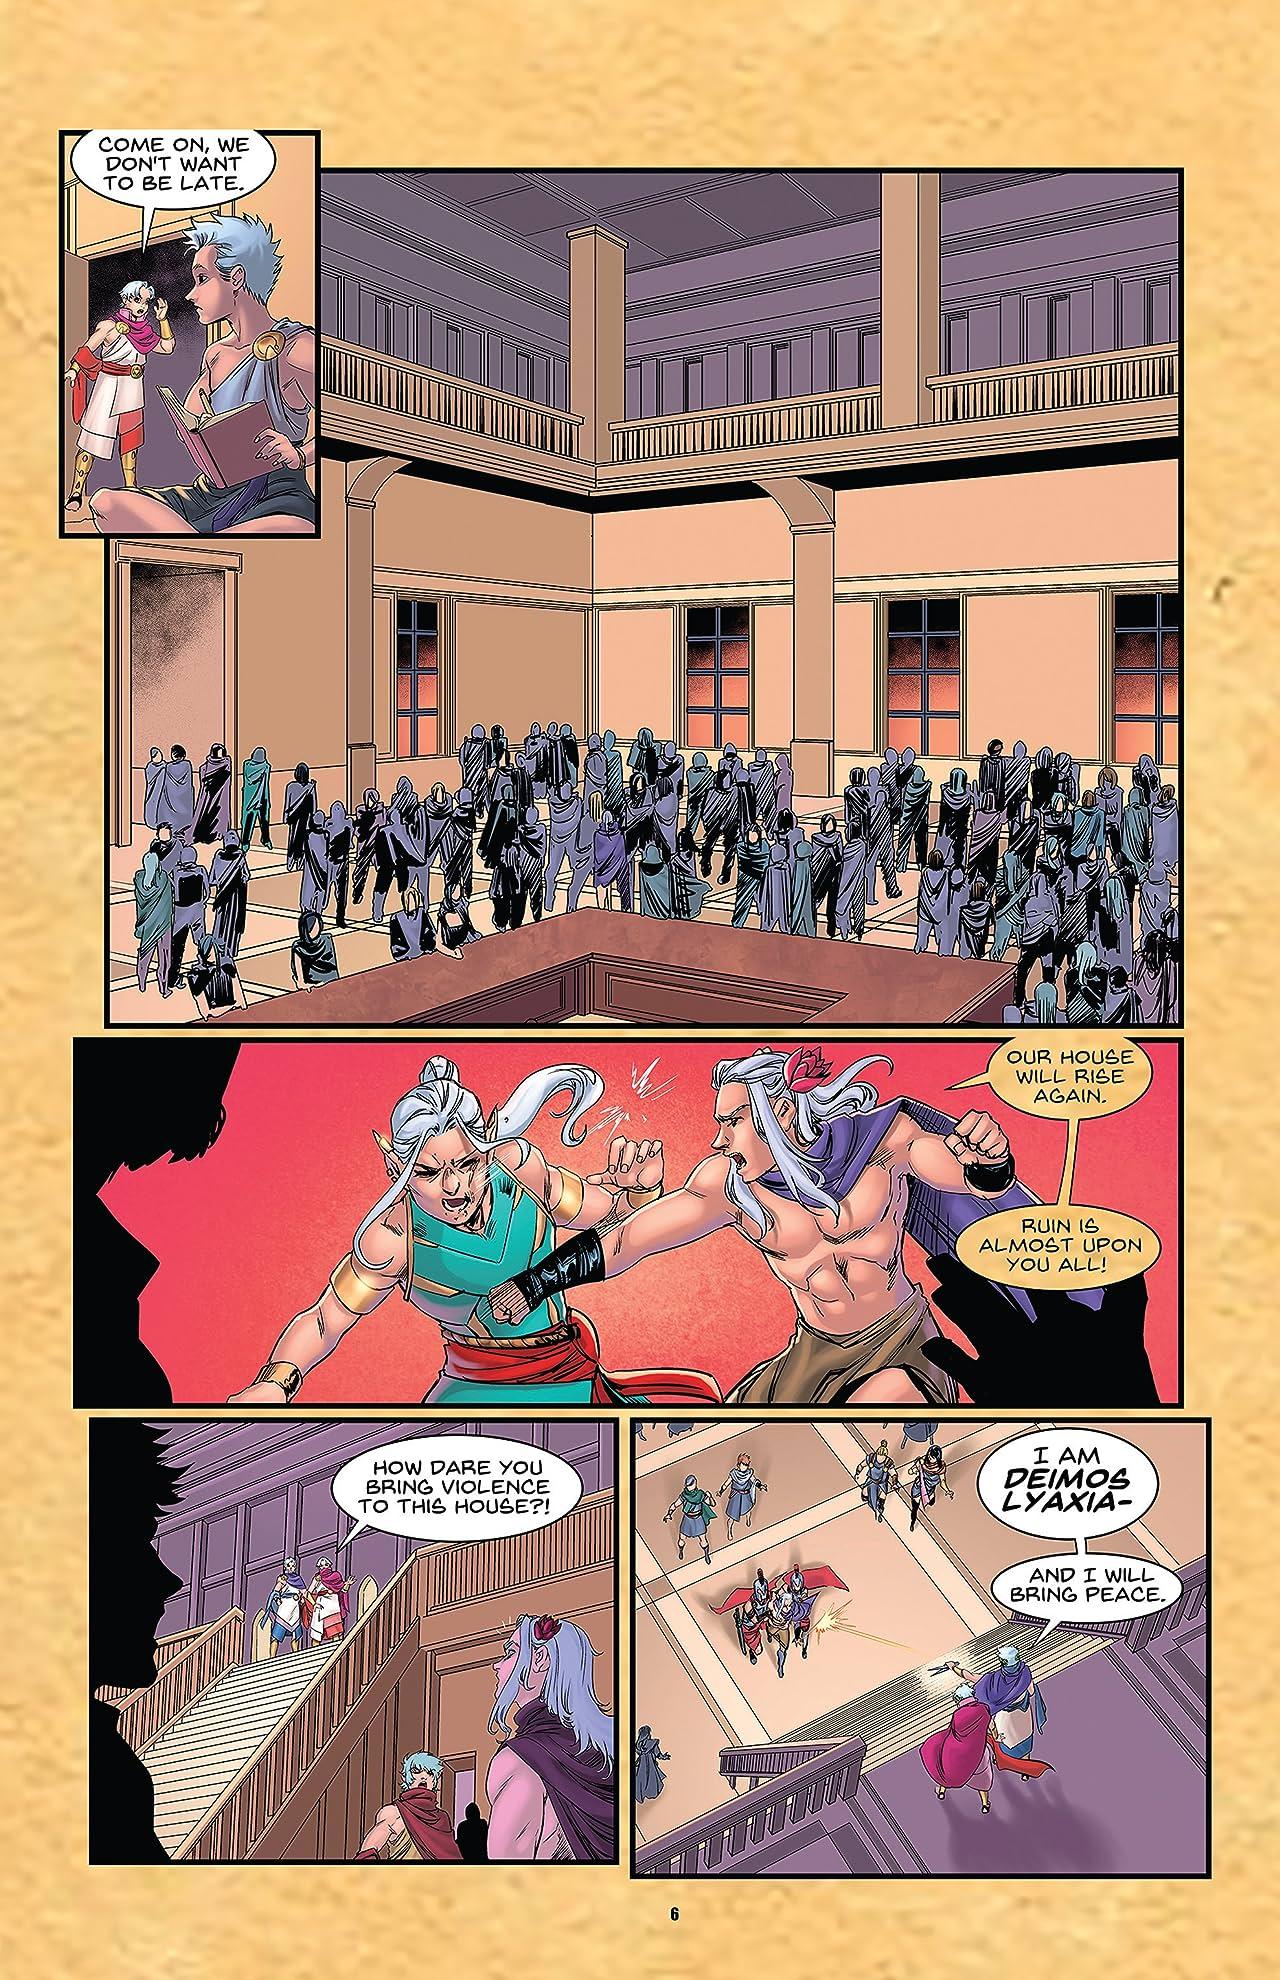 Mangazine Vol. 4 #1